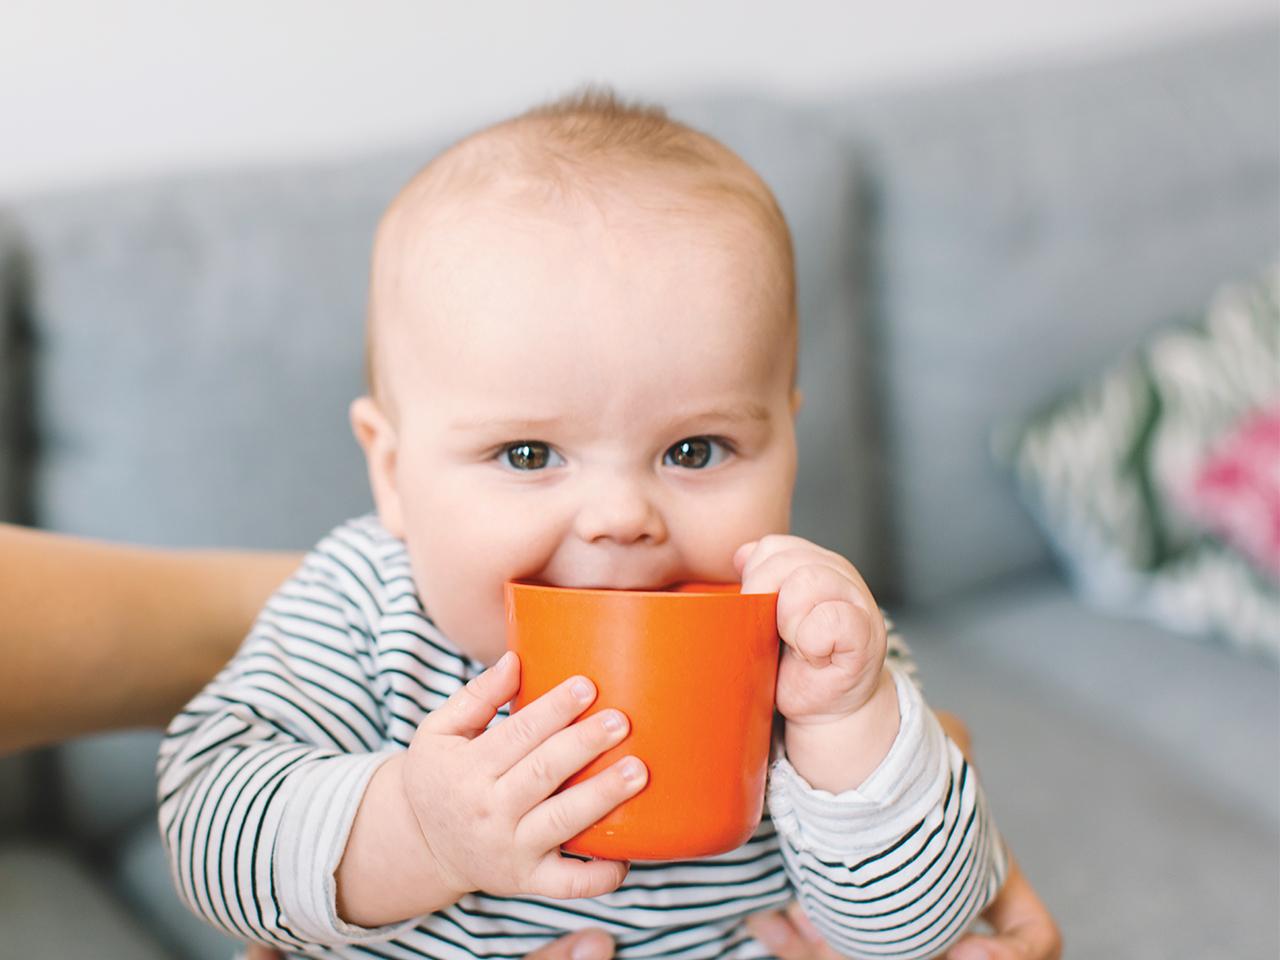 كمية شرب الطفل للماء ونصائح لتقديم الماء لطفلك